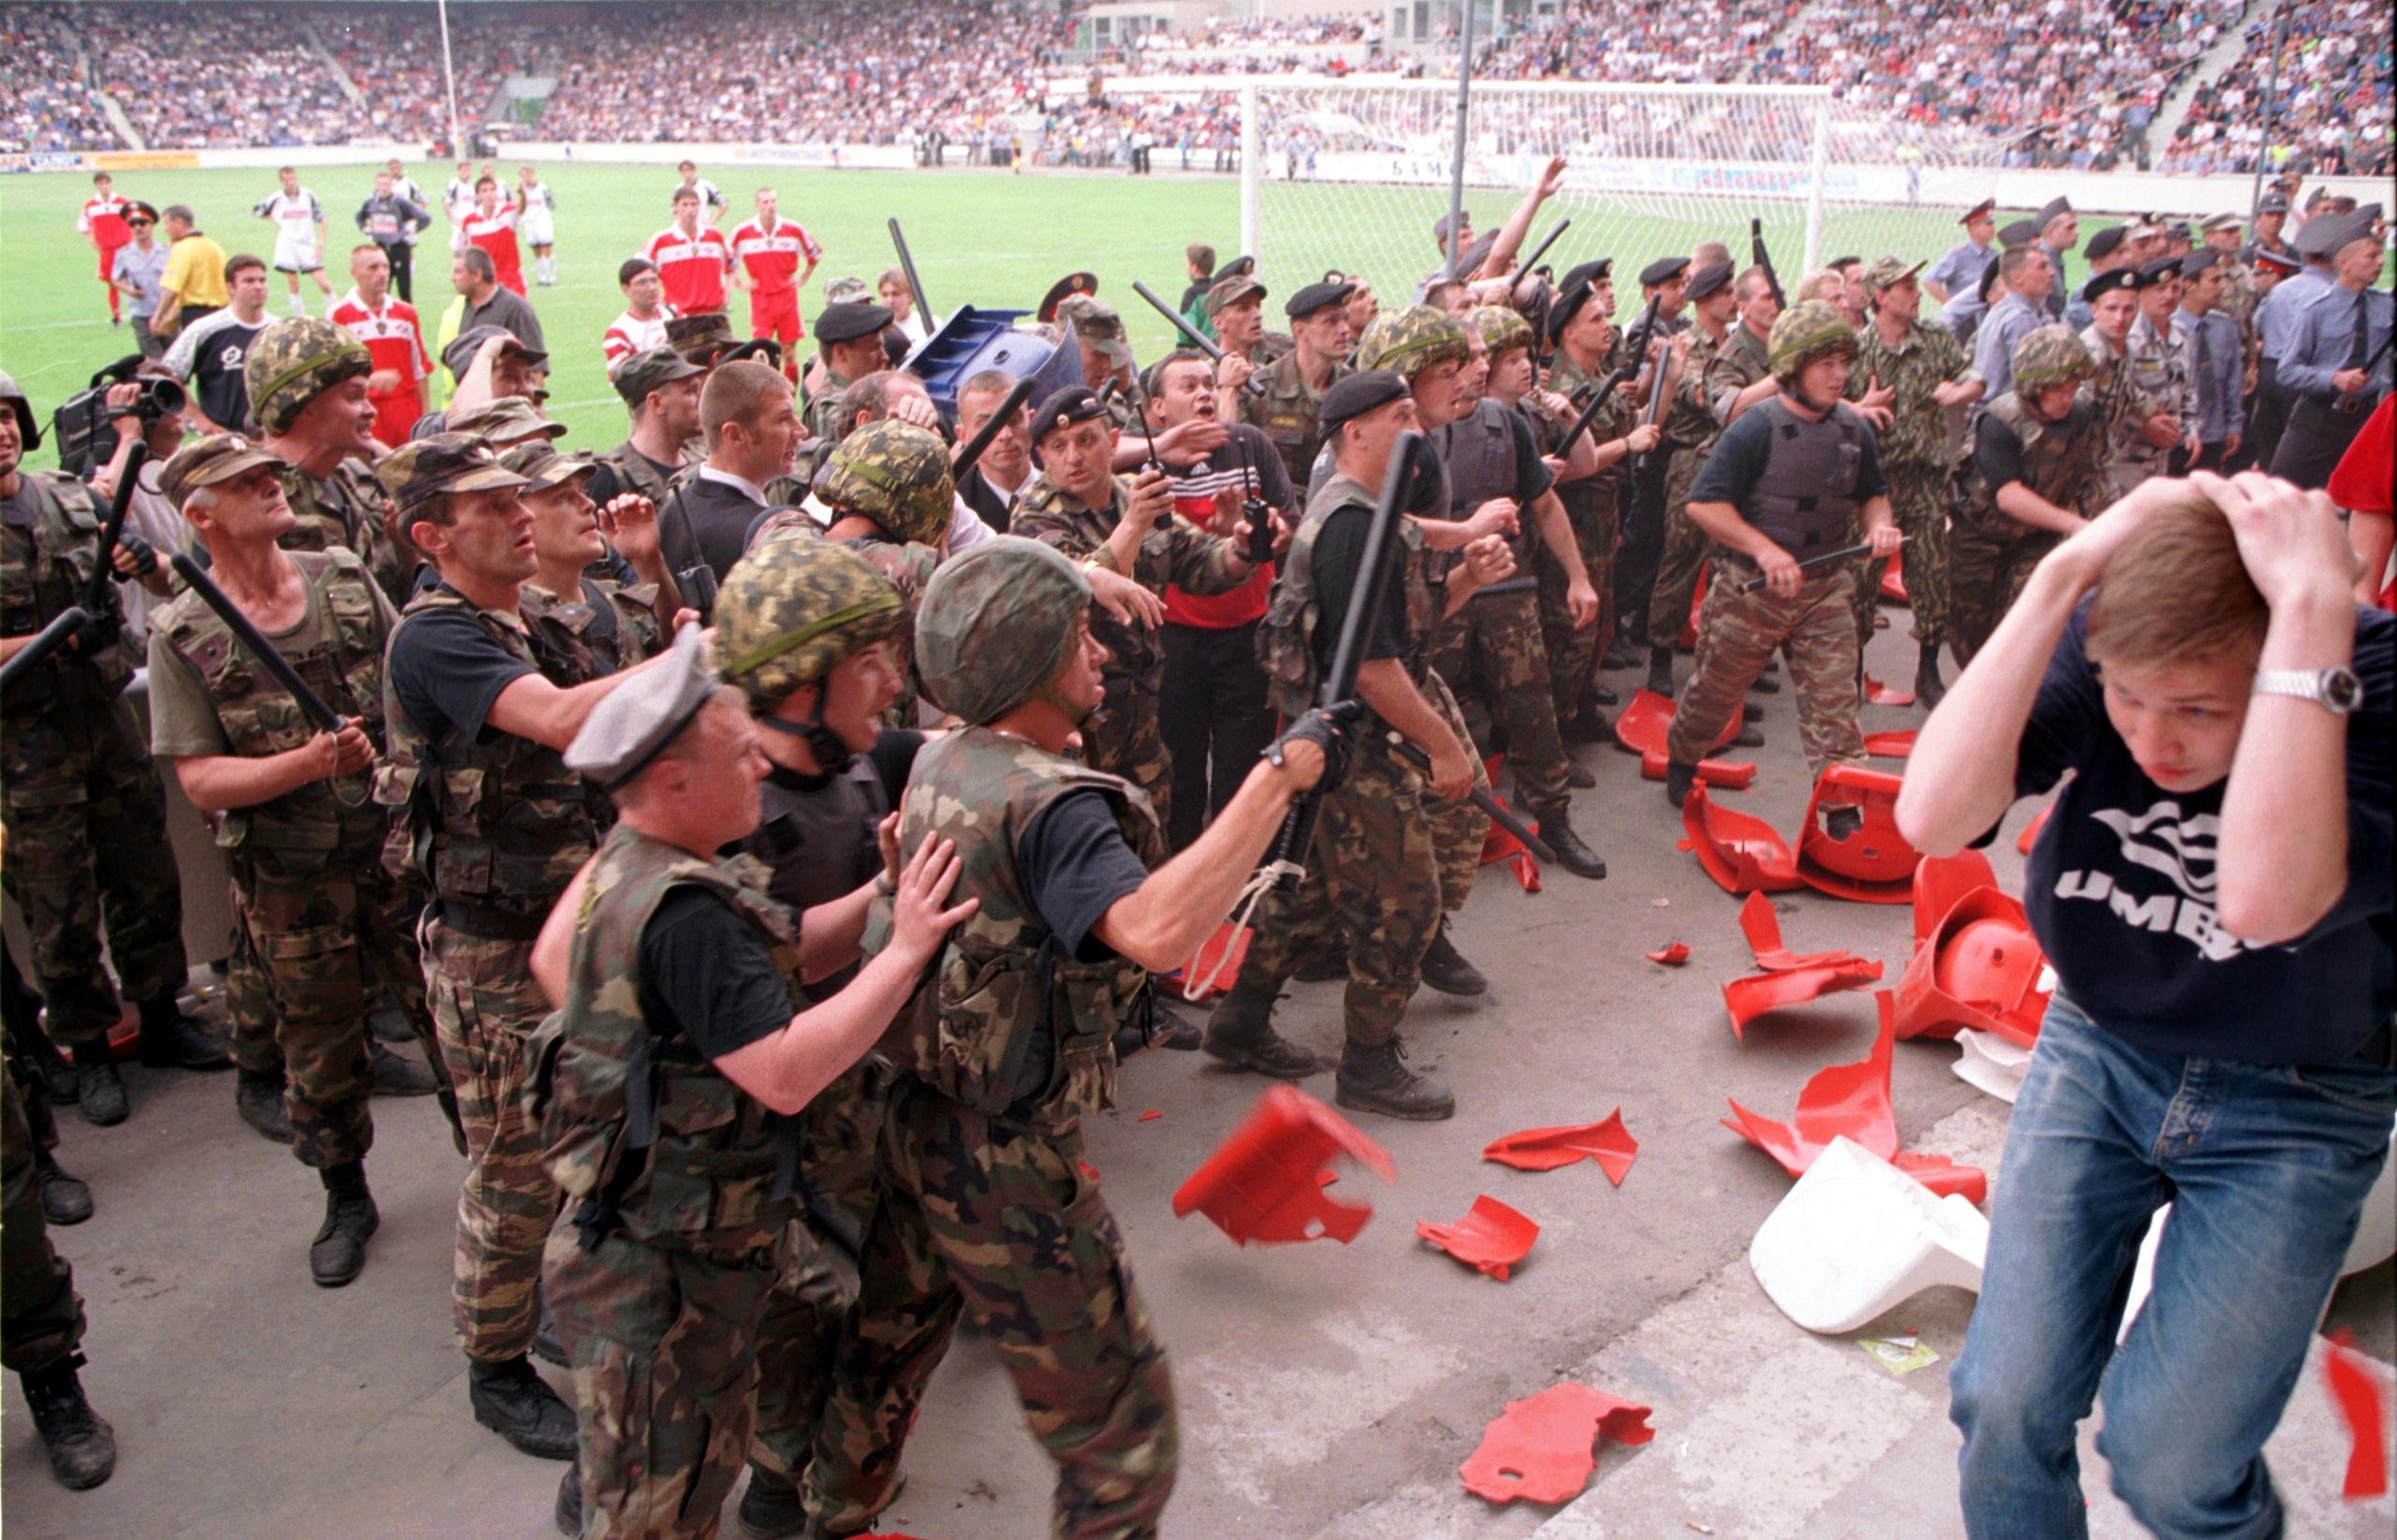 22 года легендарному побоищу на стадионе в Раменском. Озверевший ОМОН успокаивали футболисты «Спартака» и Романцев